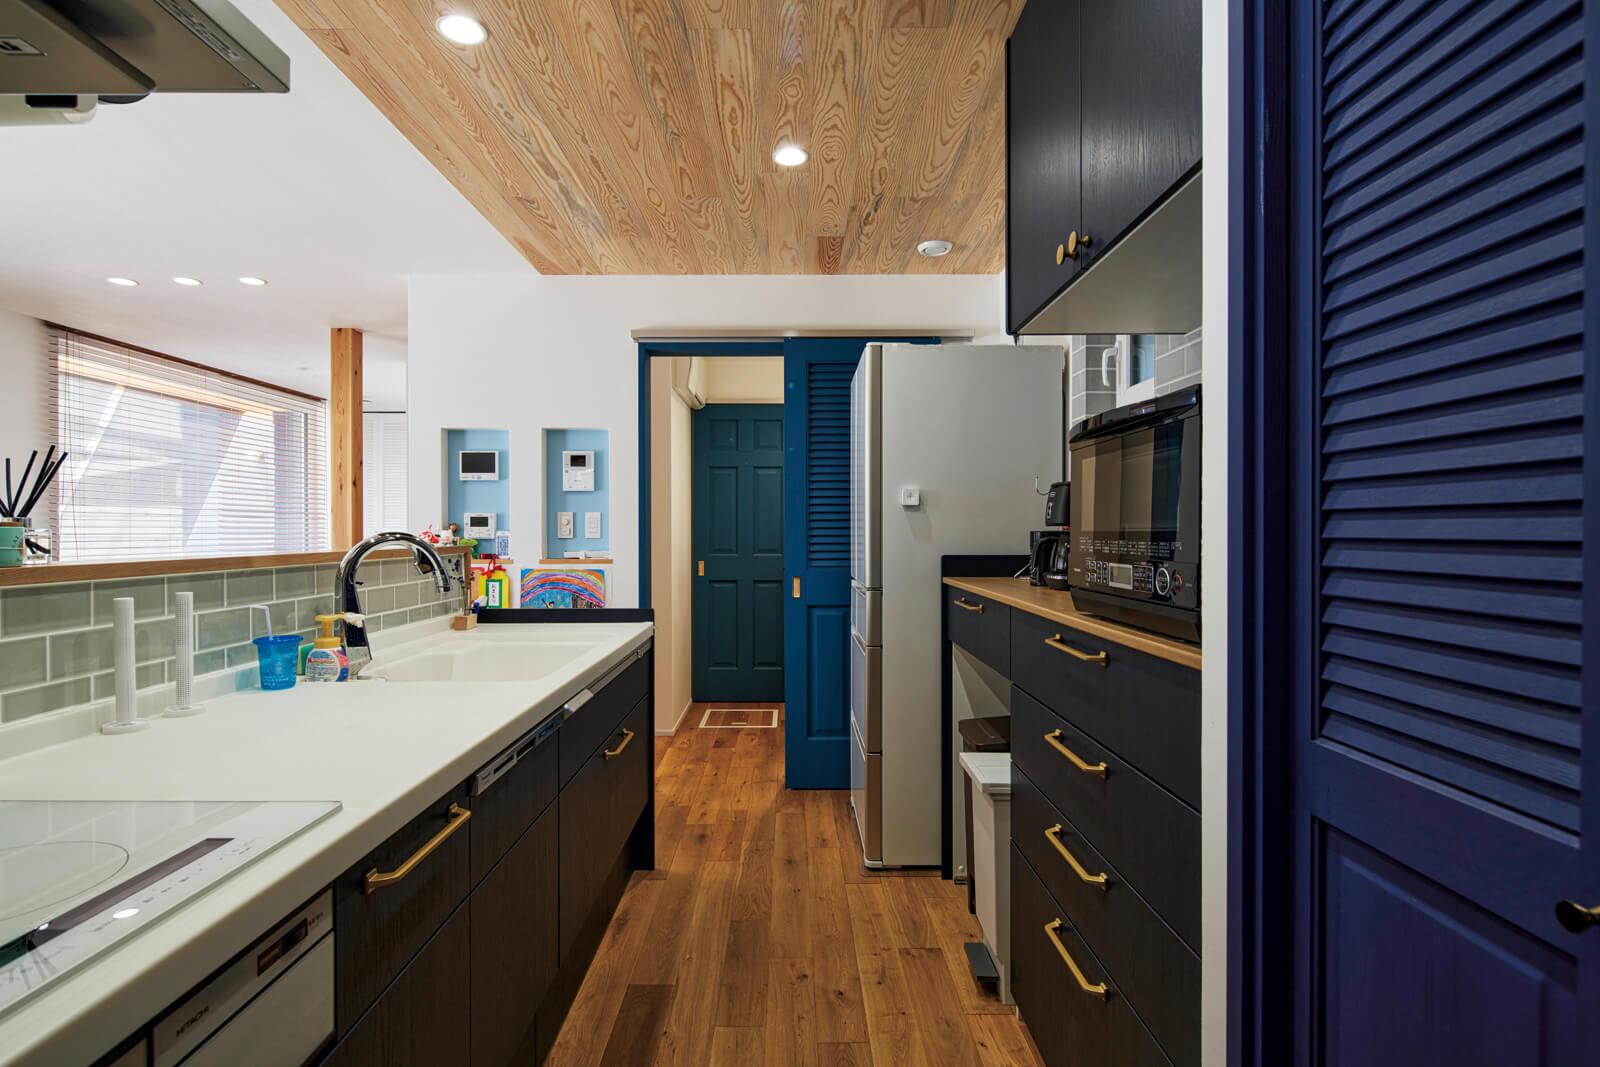 キッチンから浴室方向を望む。一直線の水まわりの動線が日々の家事のストレスを軽減してくれる